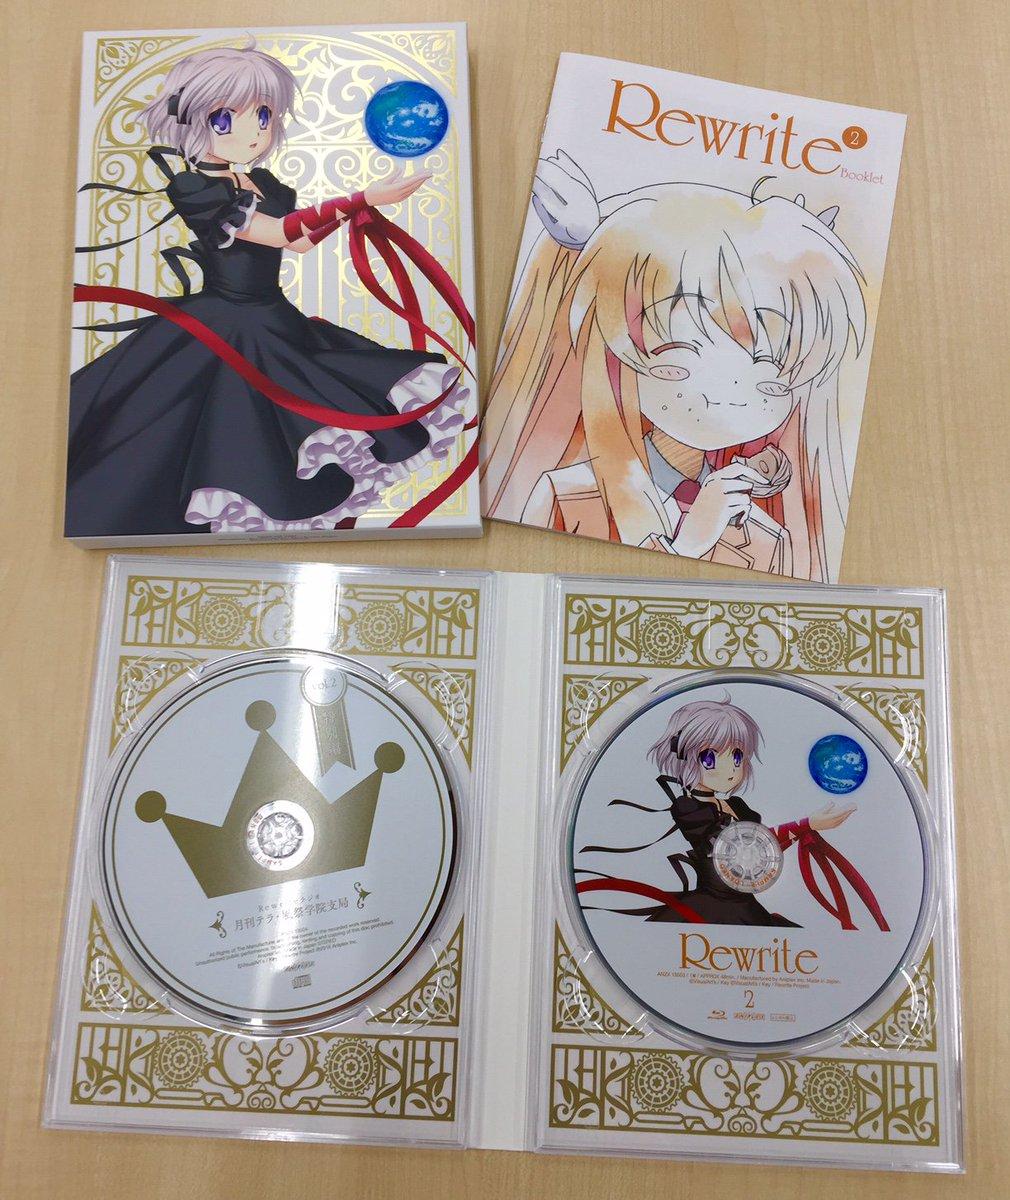 いよいよ来週10月26日(水)発売のBlu-ray&DVD第2巻のサンプルが到着!ゲストをお迎えした特別編のラジ